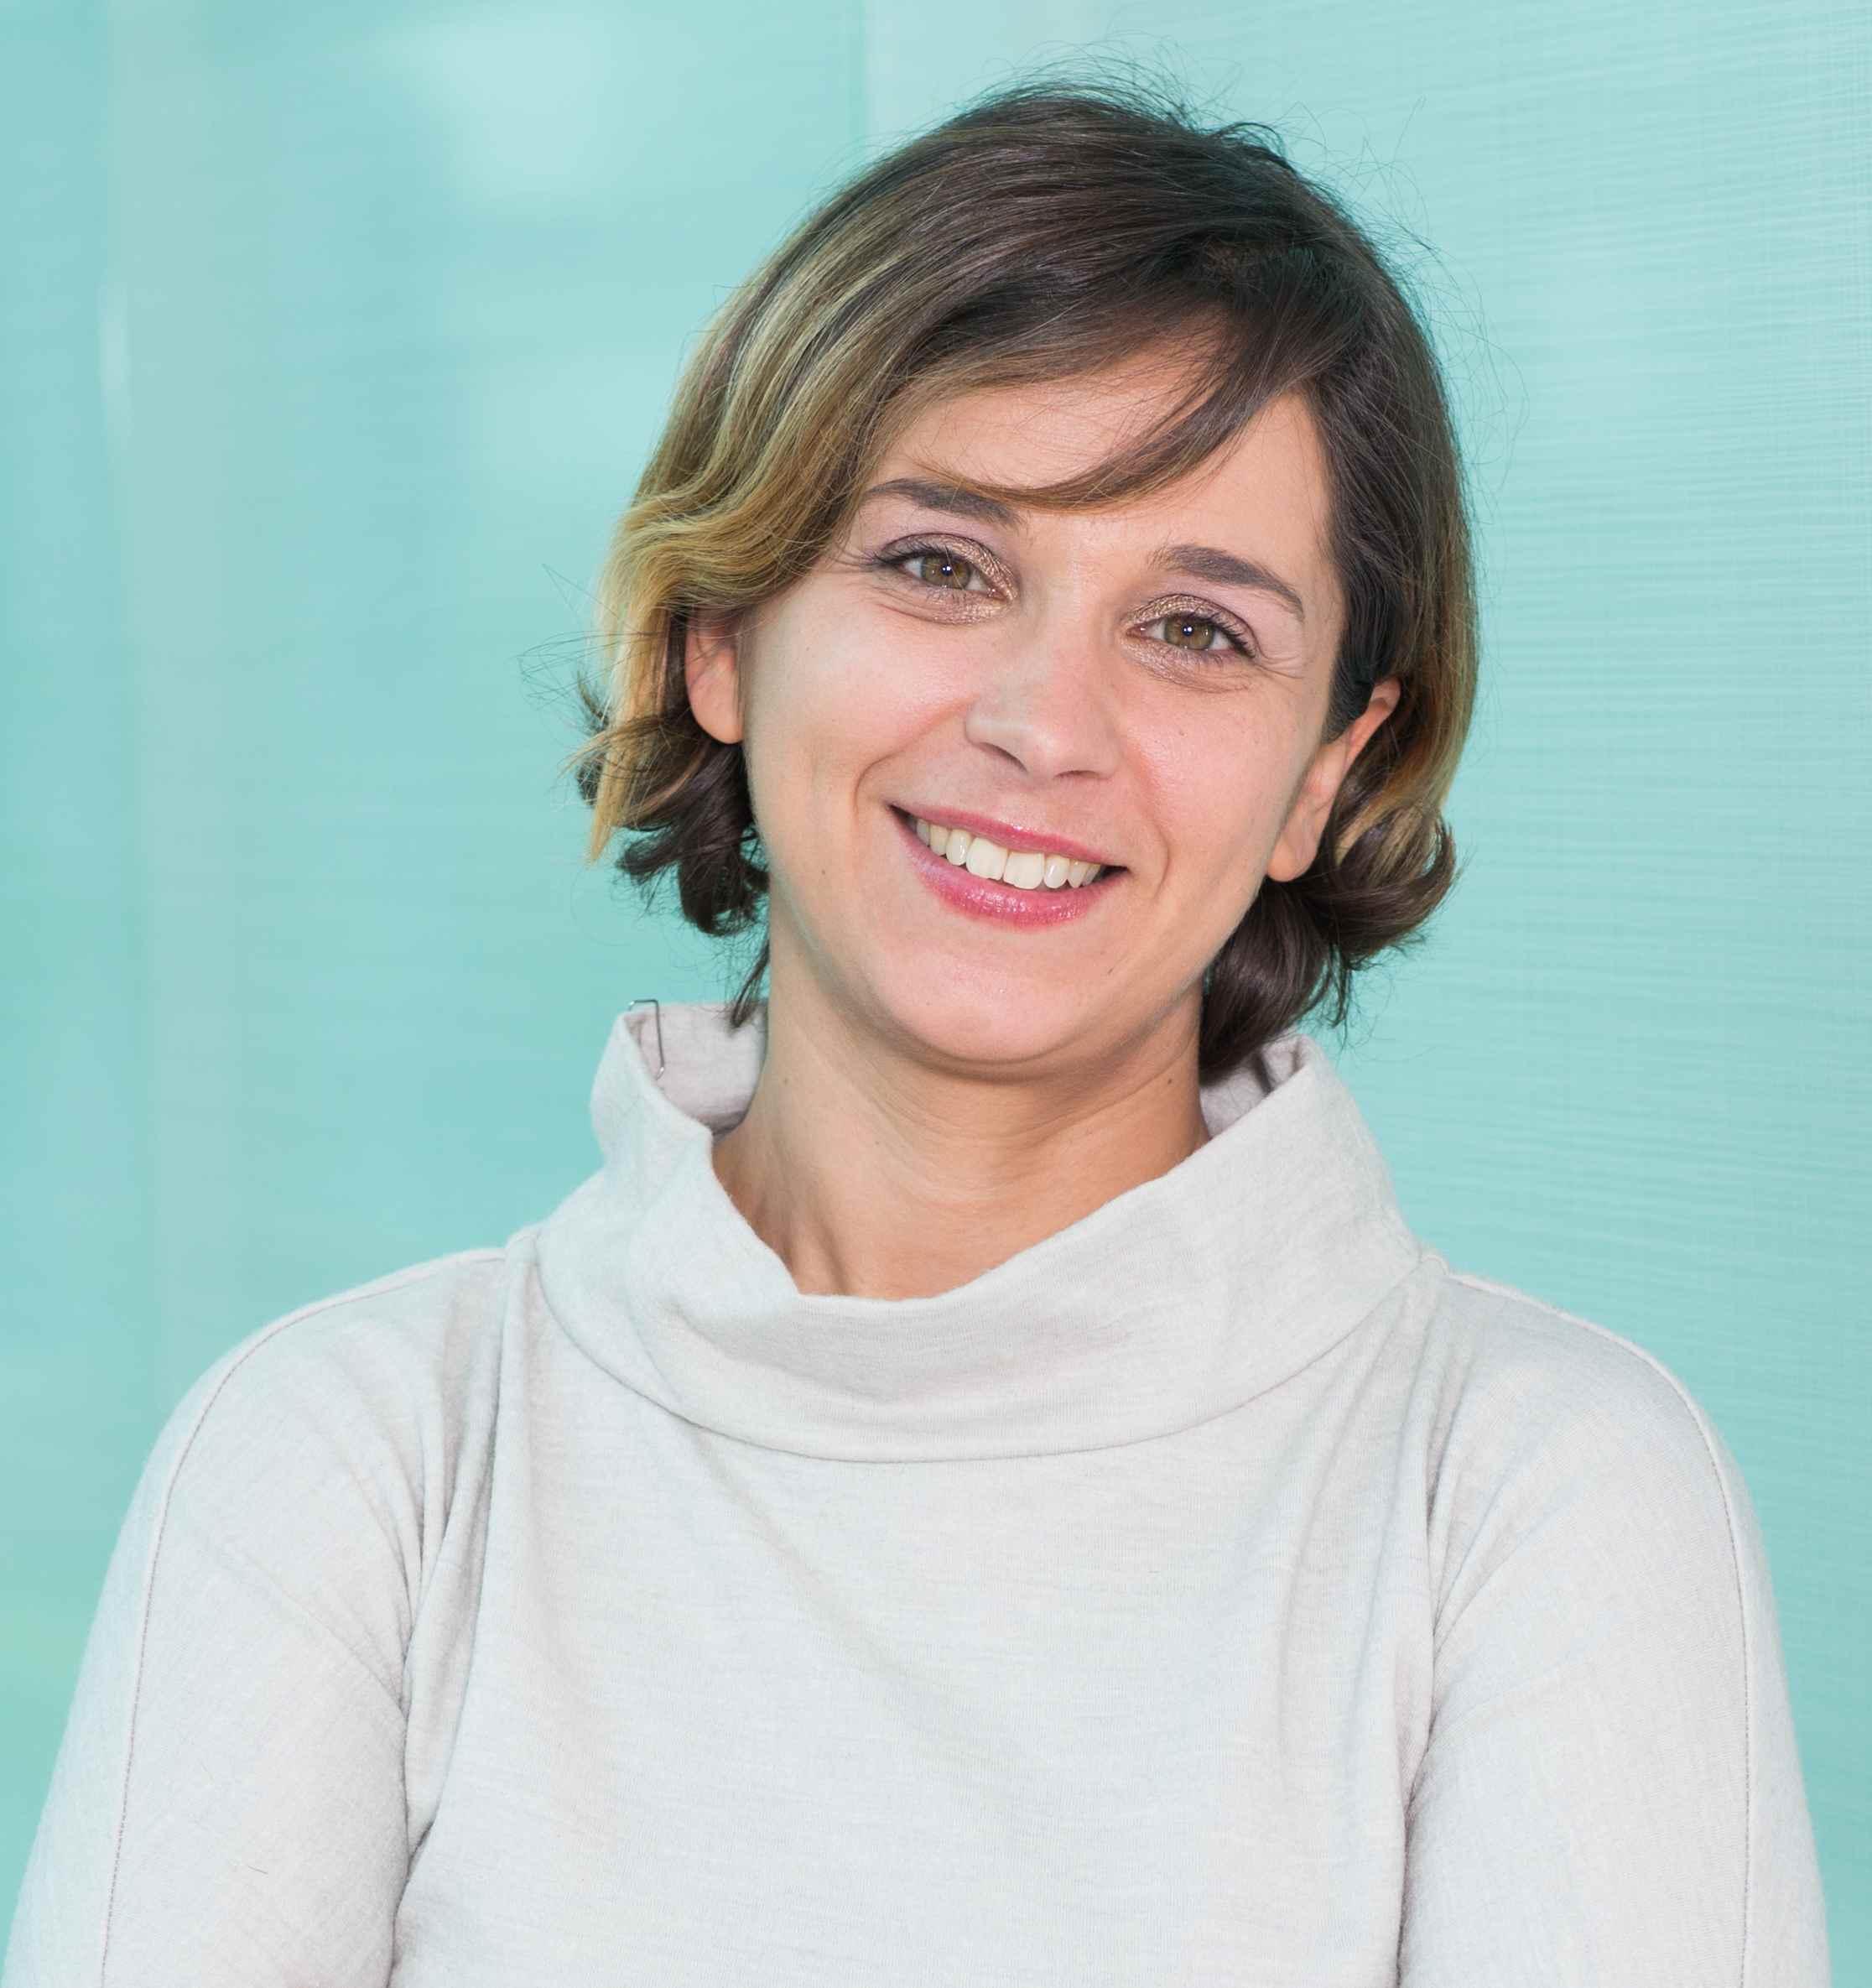 Evita Barra, direttore della Divisione Windows di Microsoft